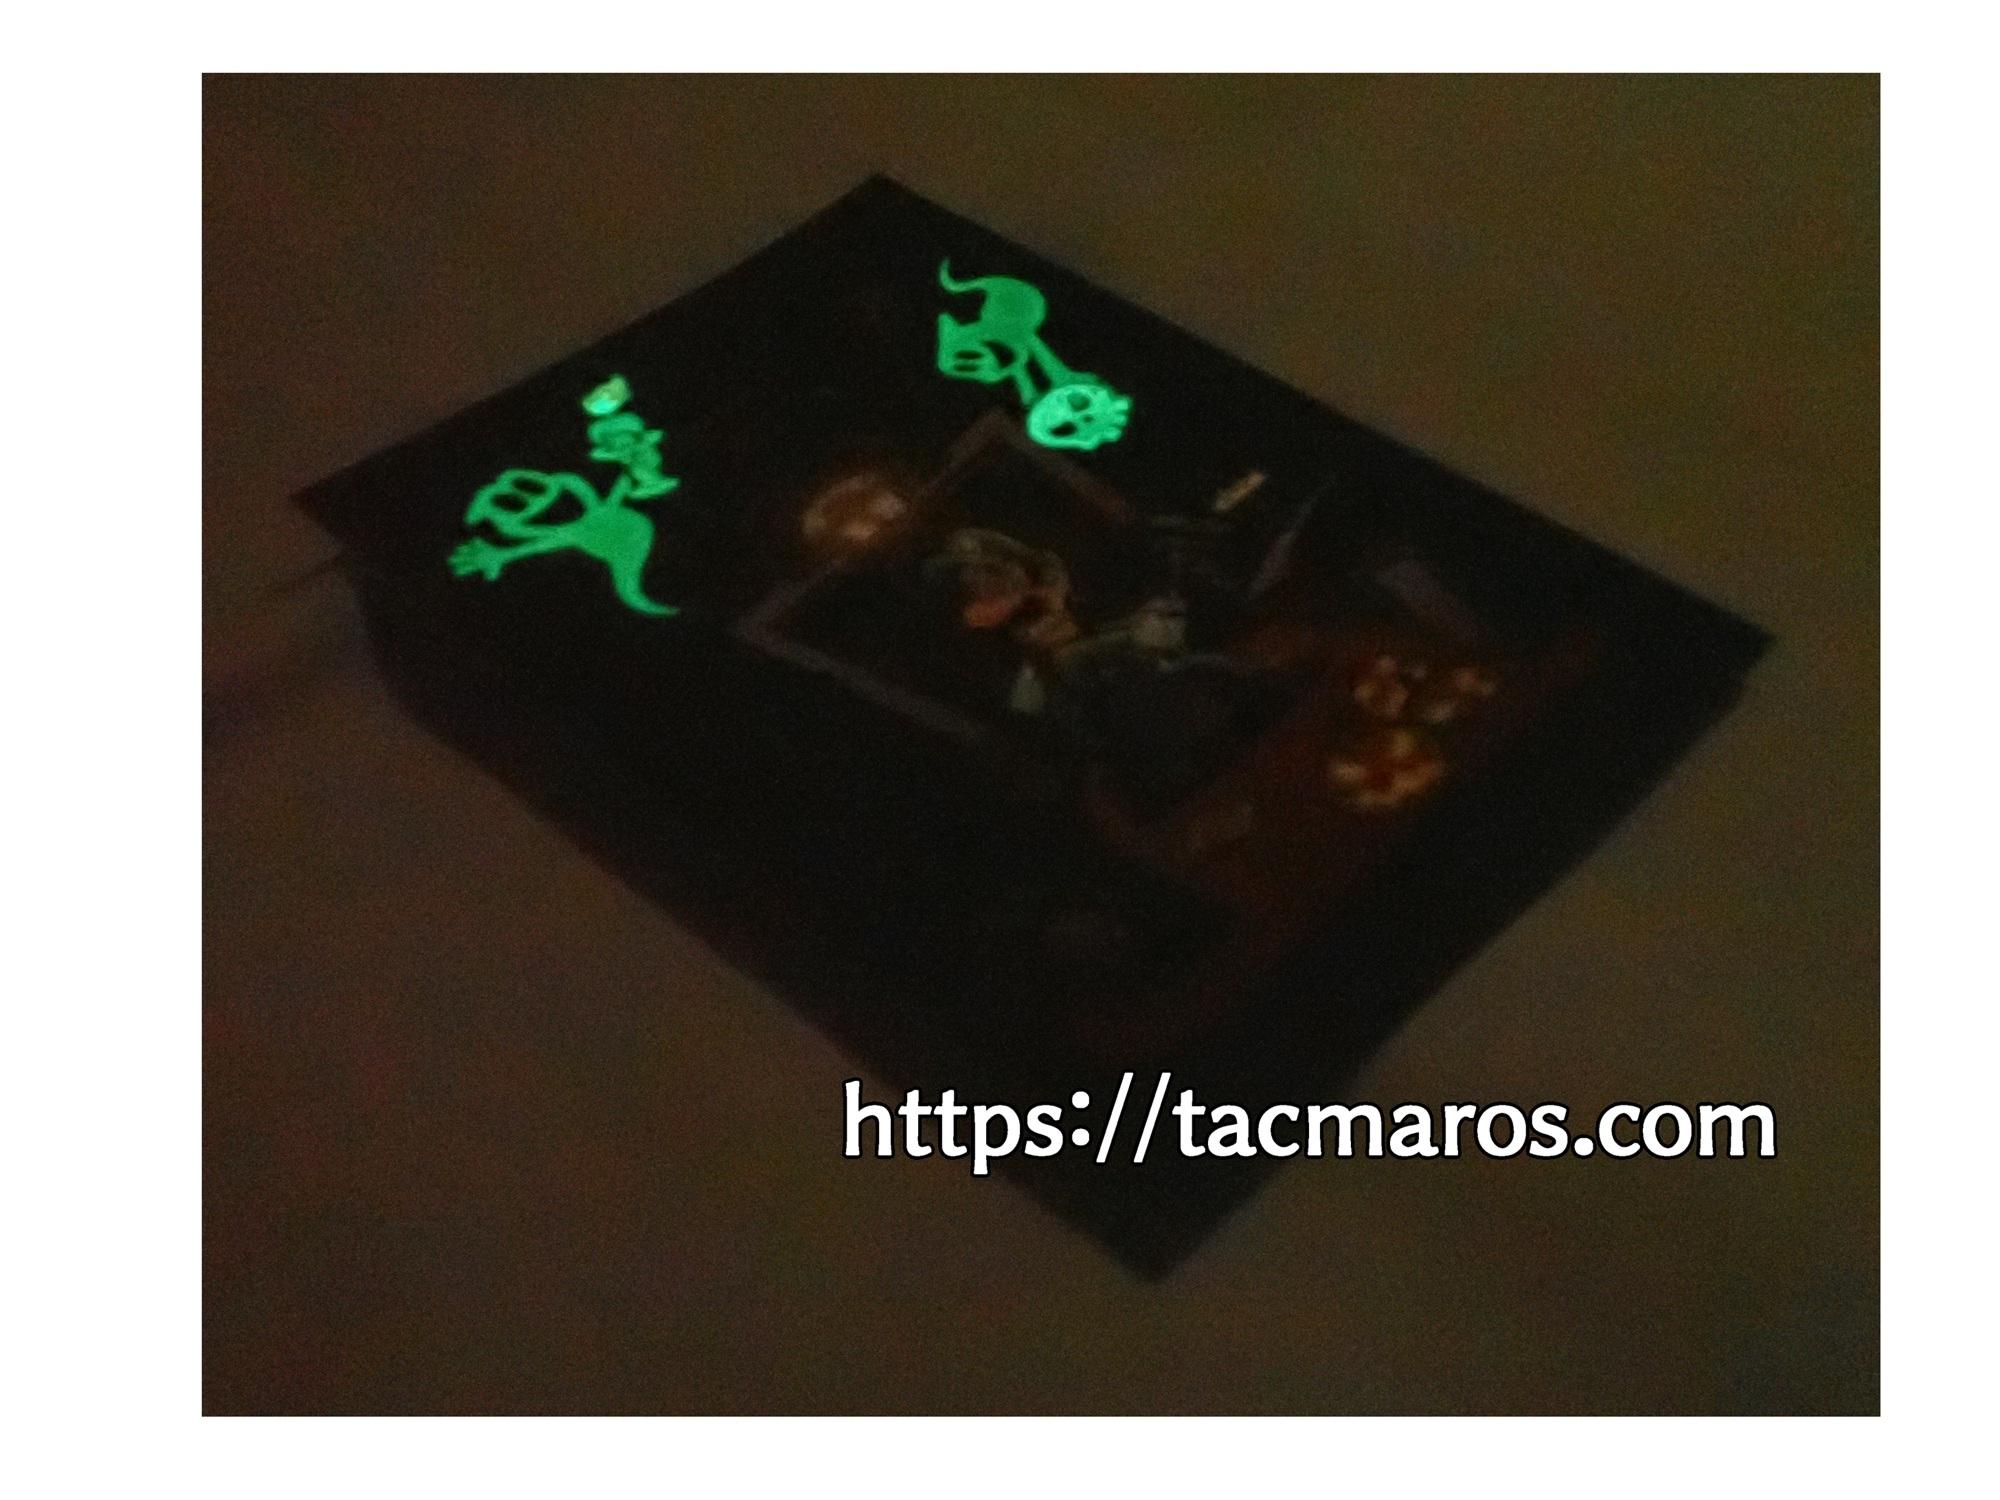 マイニンテンドープラチナポイント交換グッズ ルイージマンション3 蓄光ポストカード 蛍光灯などで光を溜めれば暗闇で光る